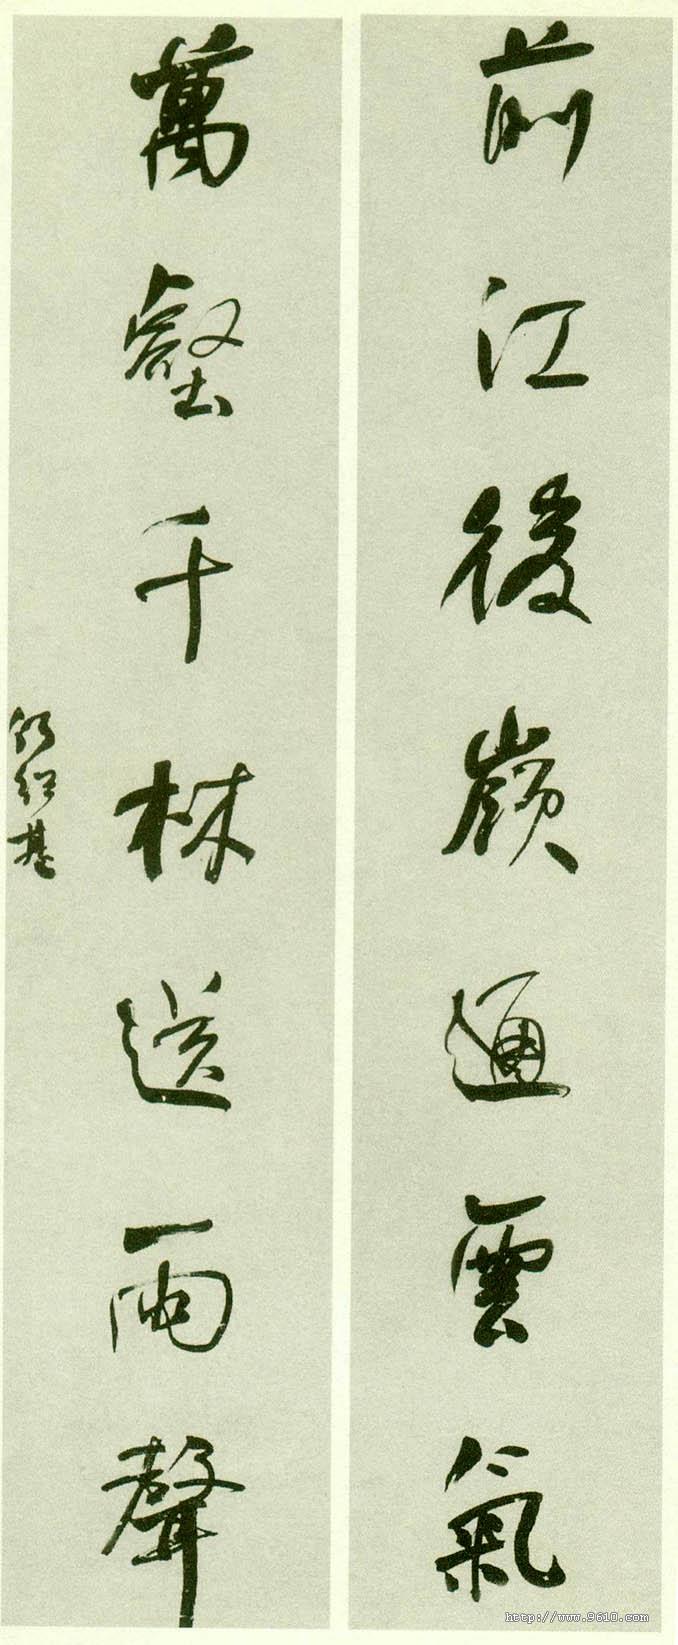 何绍基《七言联》 - 老排长 - 老排长(6660409)